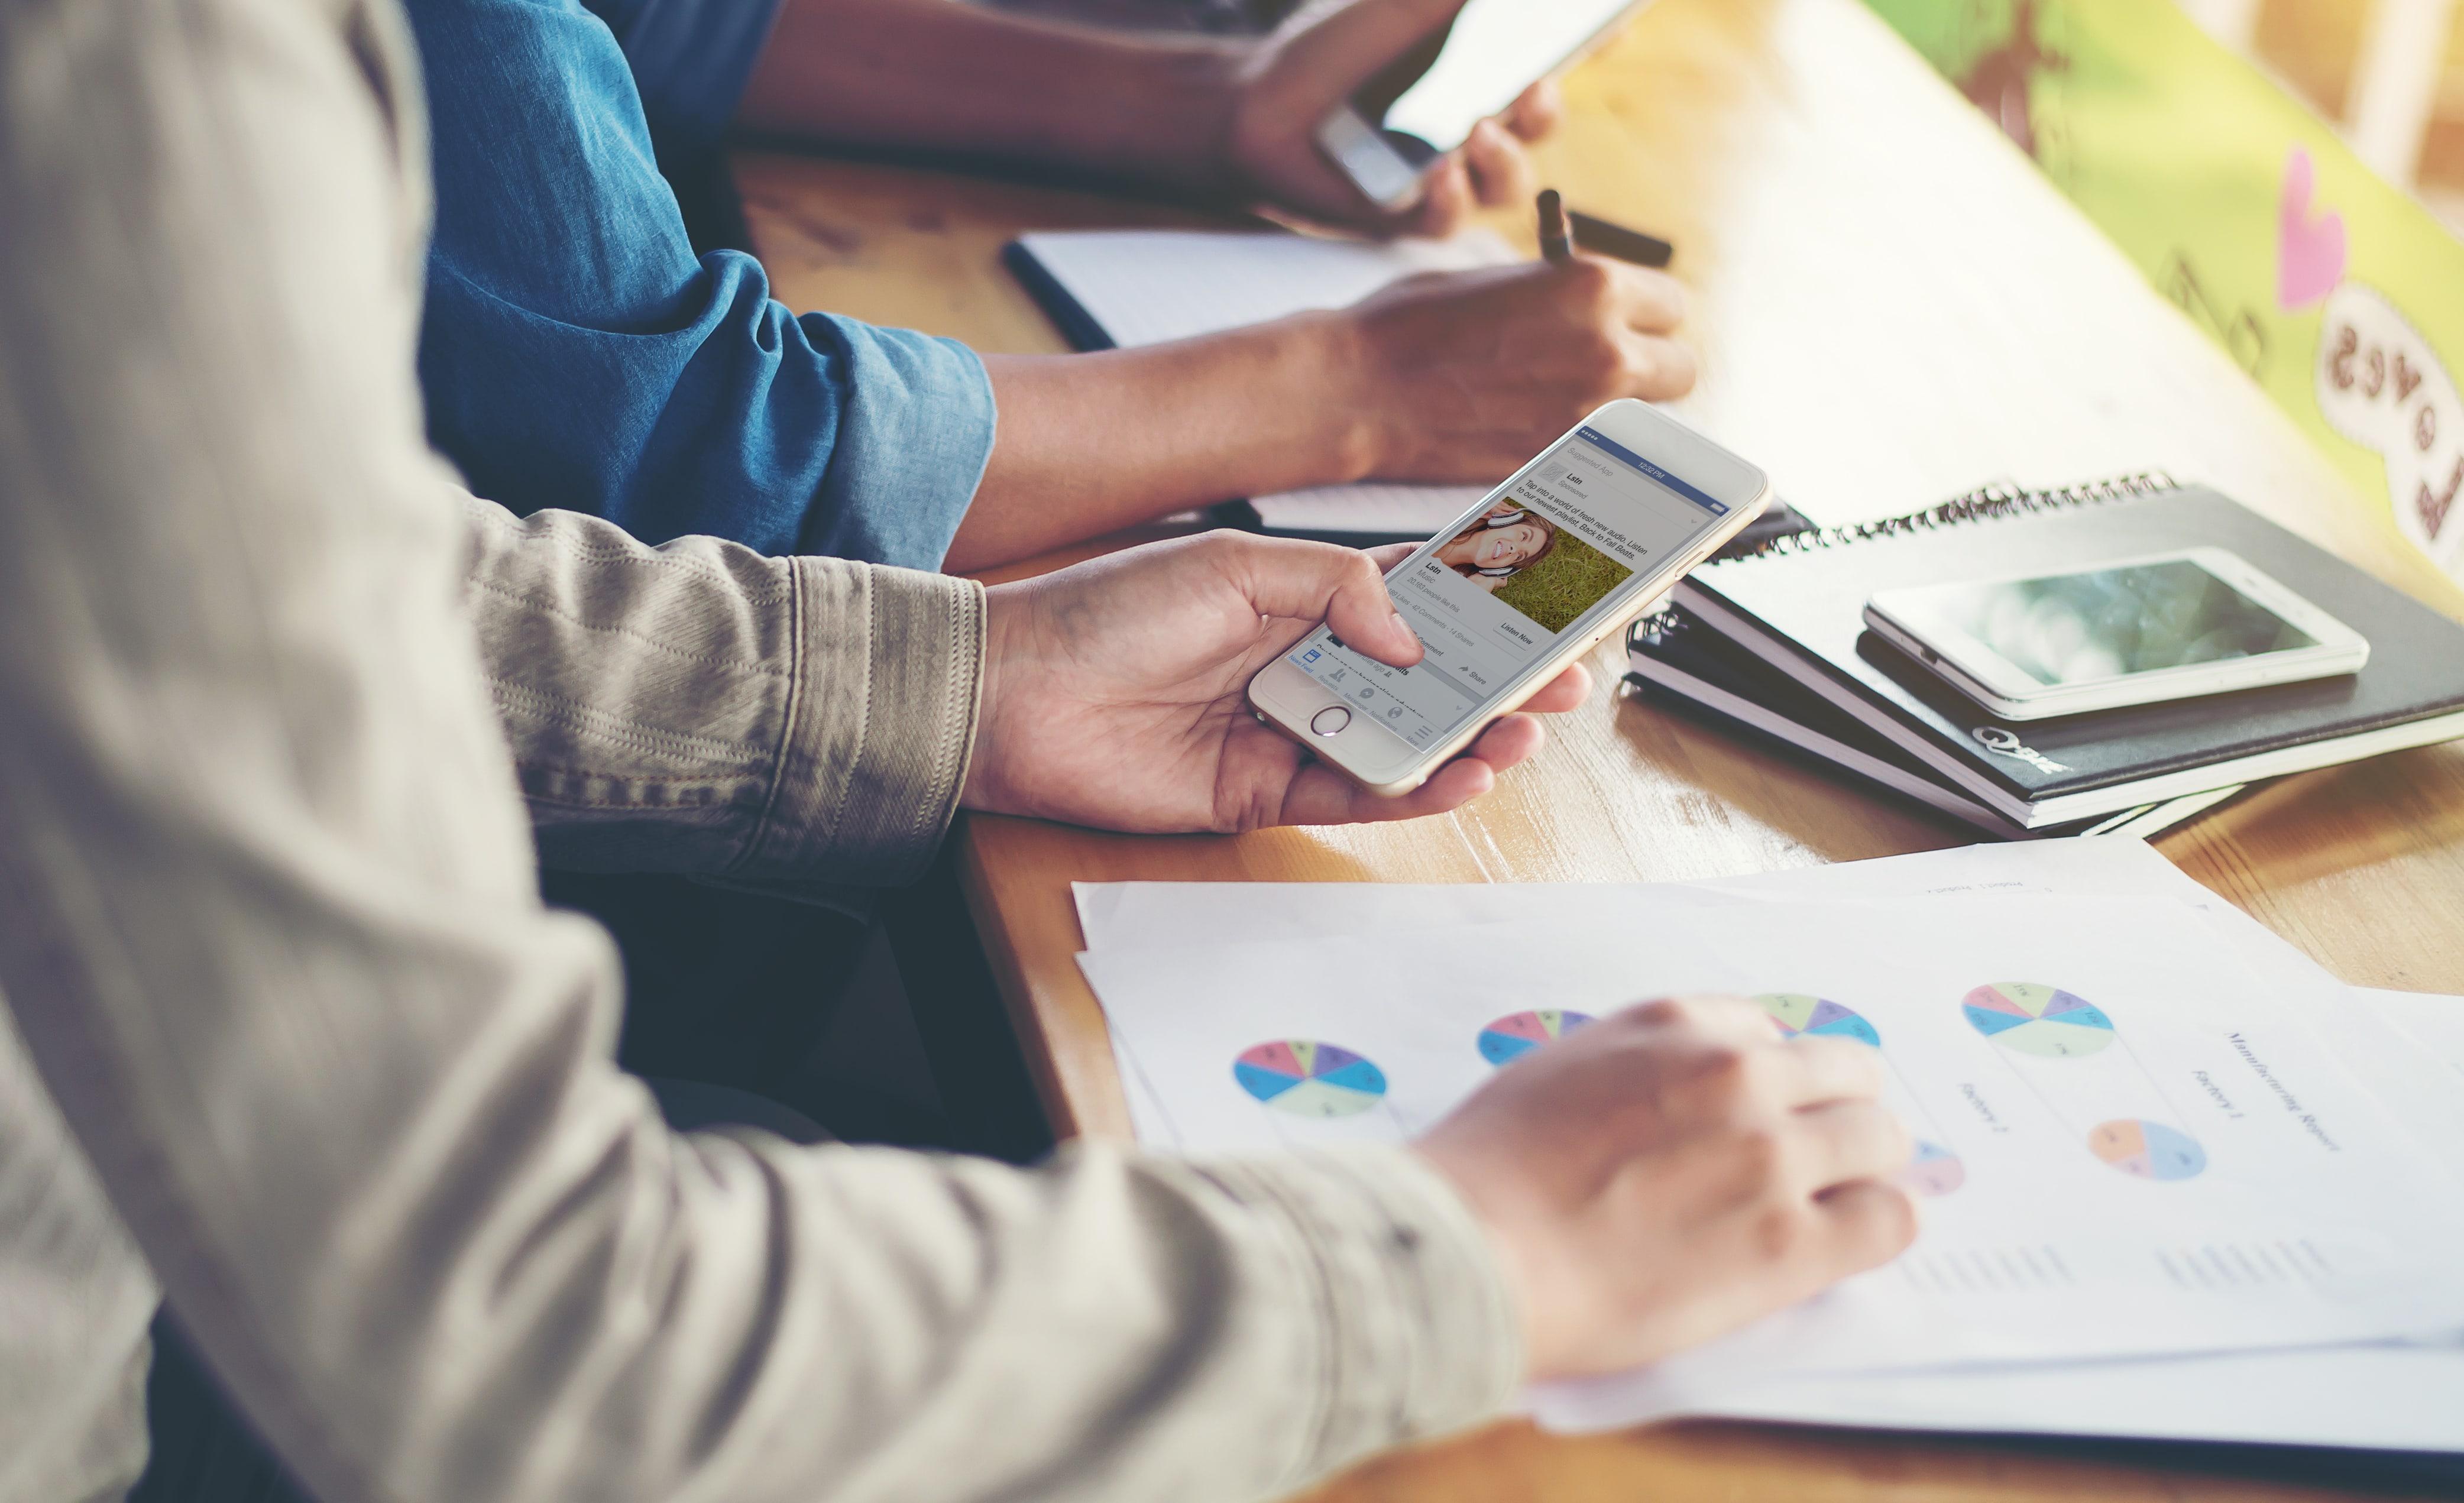 Le cinque regole del social media marketing